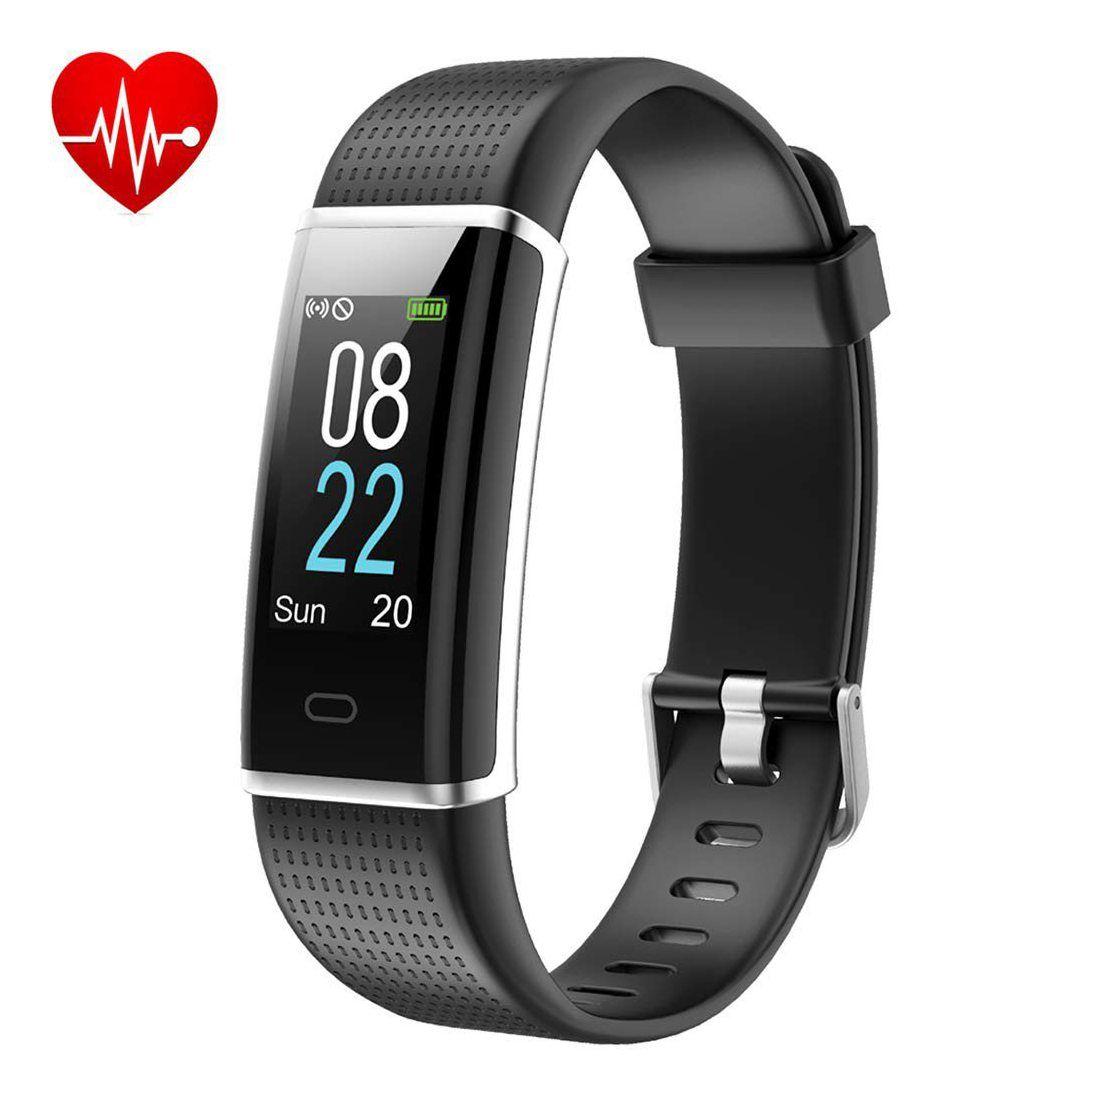 Montre Connectée, Willful Bracelet Connecté Écran Couleur Podometre Fitness Tracker d'Activité avec Cardiofréquencemètre Smar